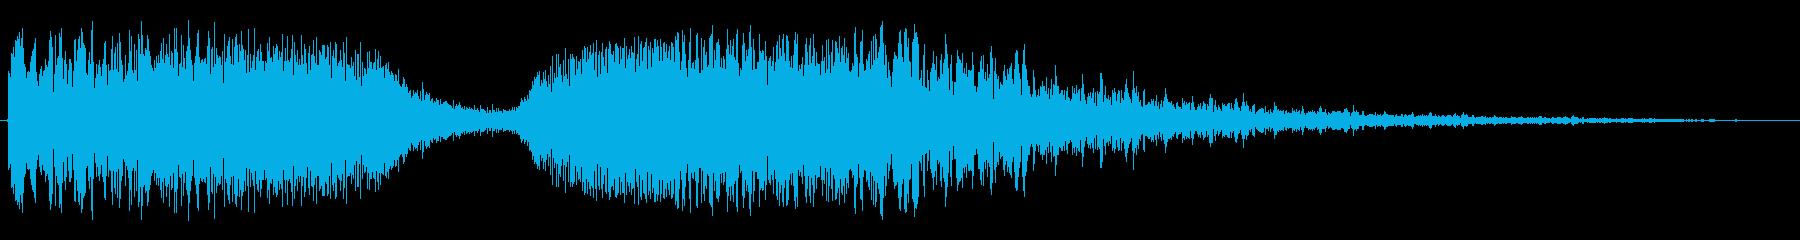 シャララ(アップダウン・ワープ等)の再生済みの波形